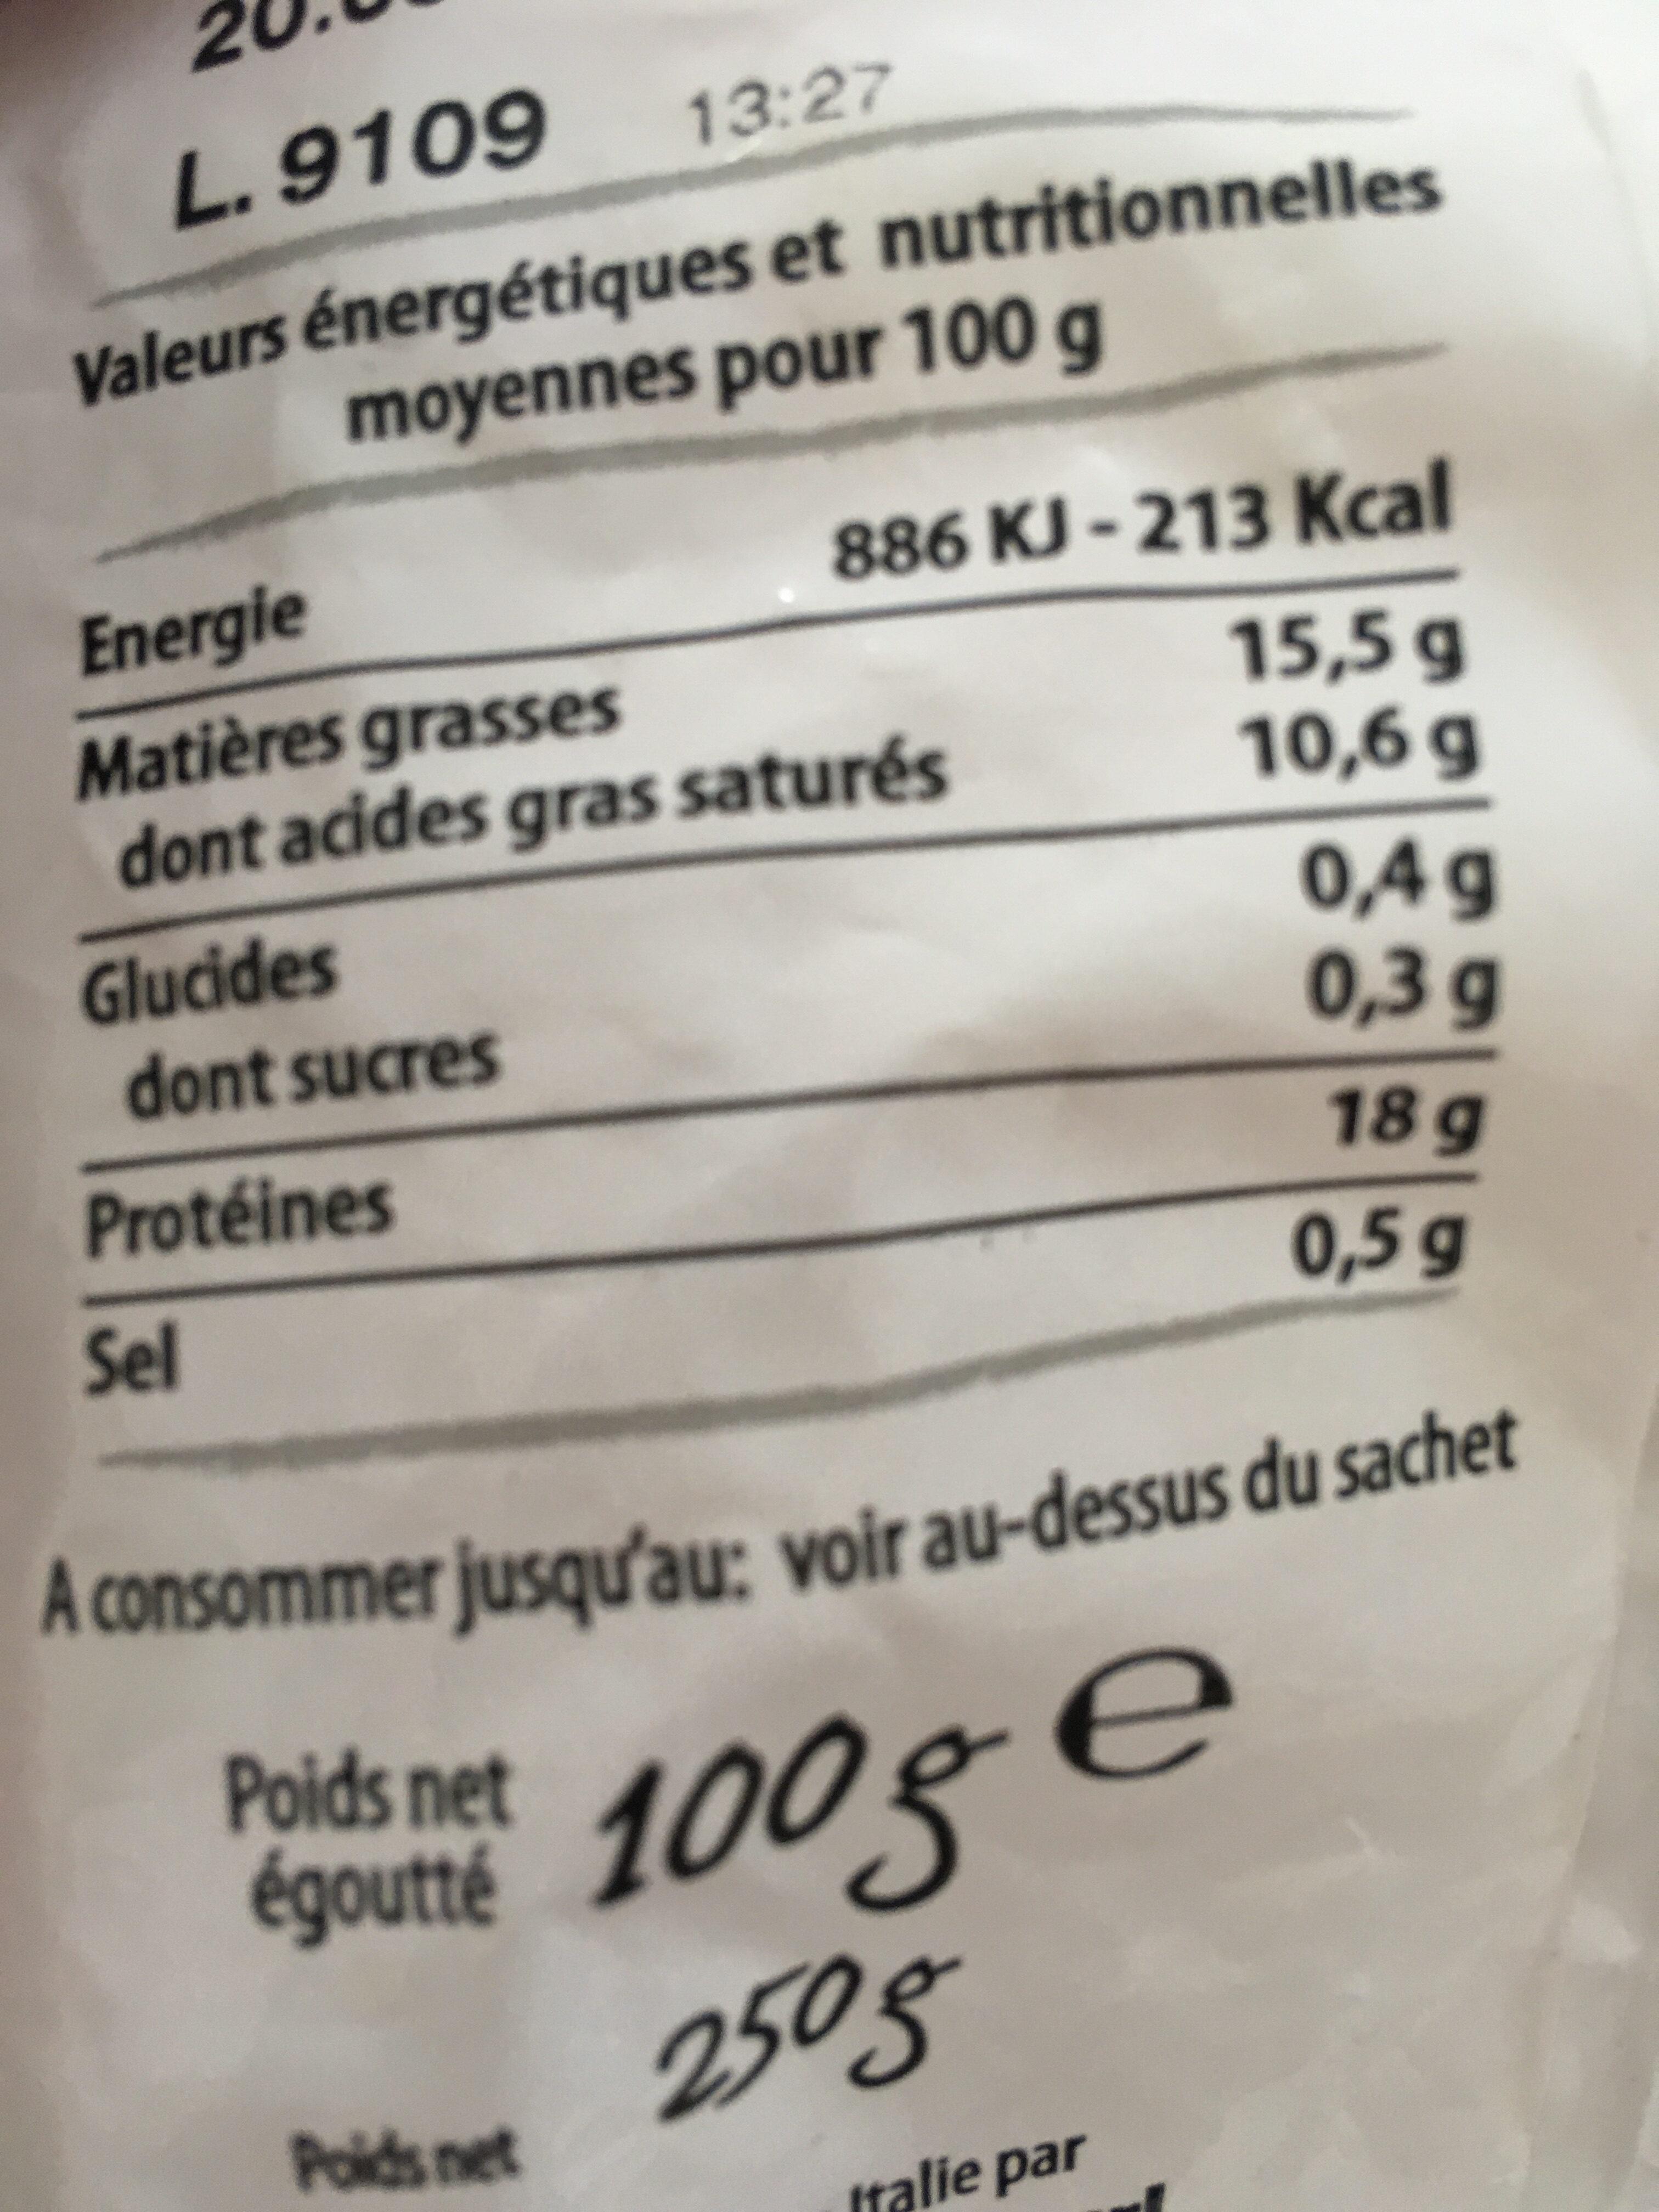 FILETS DE MAQUEREAUX FUMES AU BOIS DE HËTRE AU POIVRE - Nutrition facts - fr